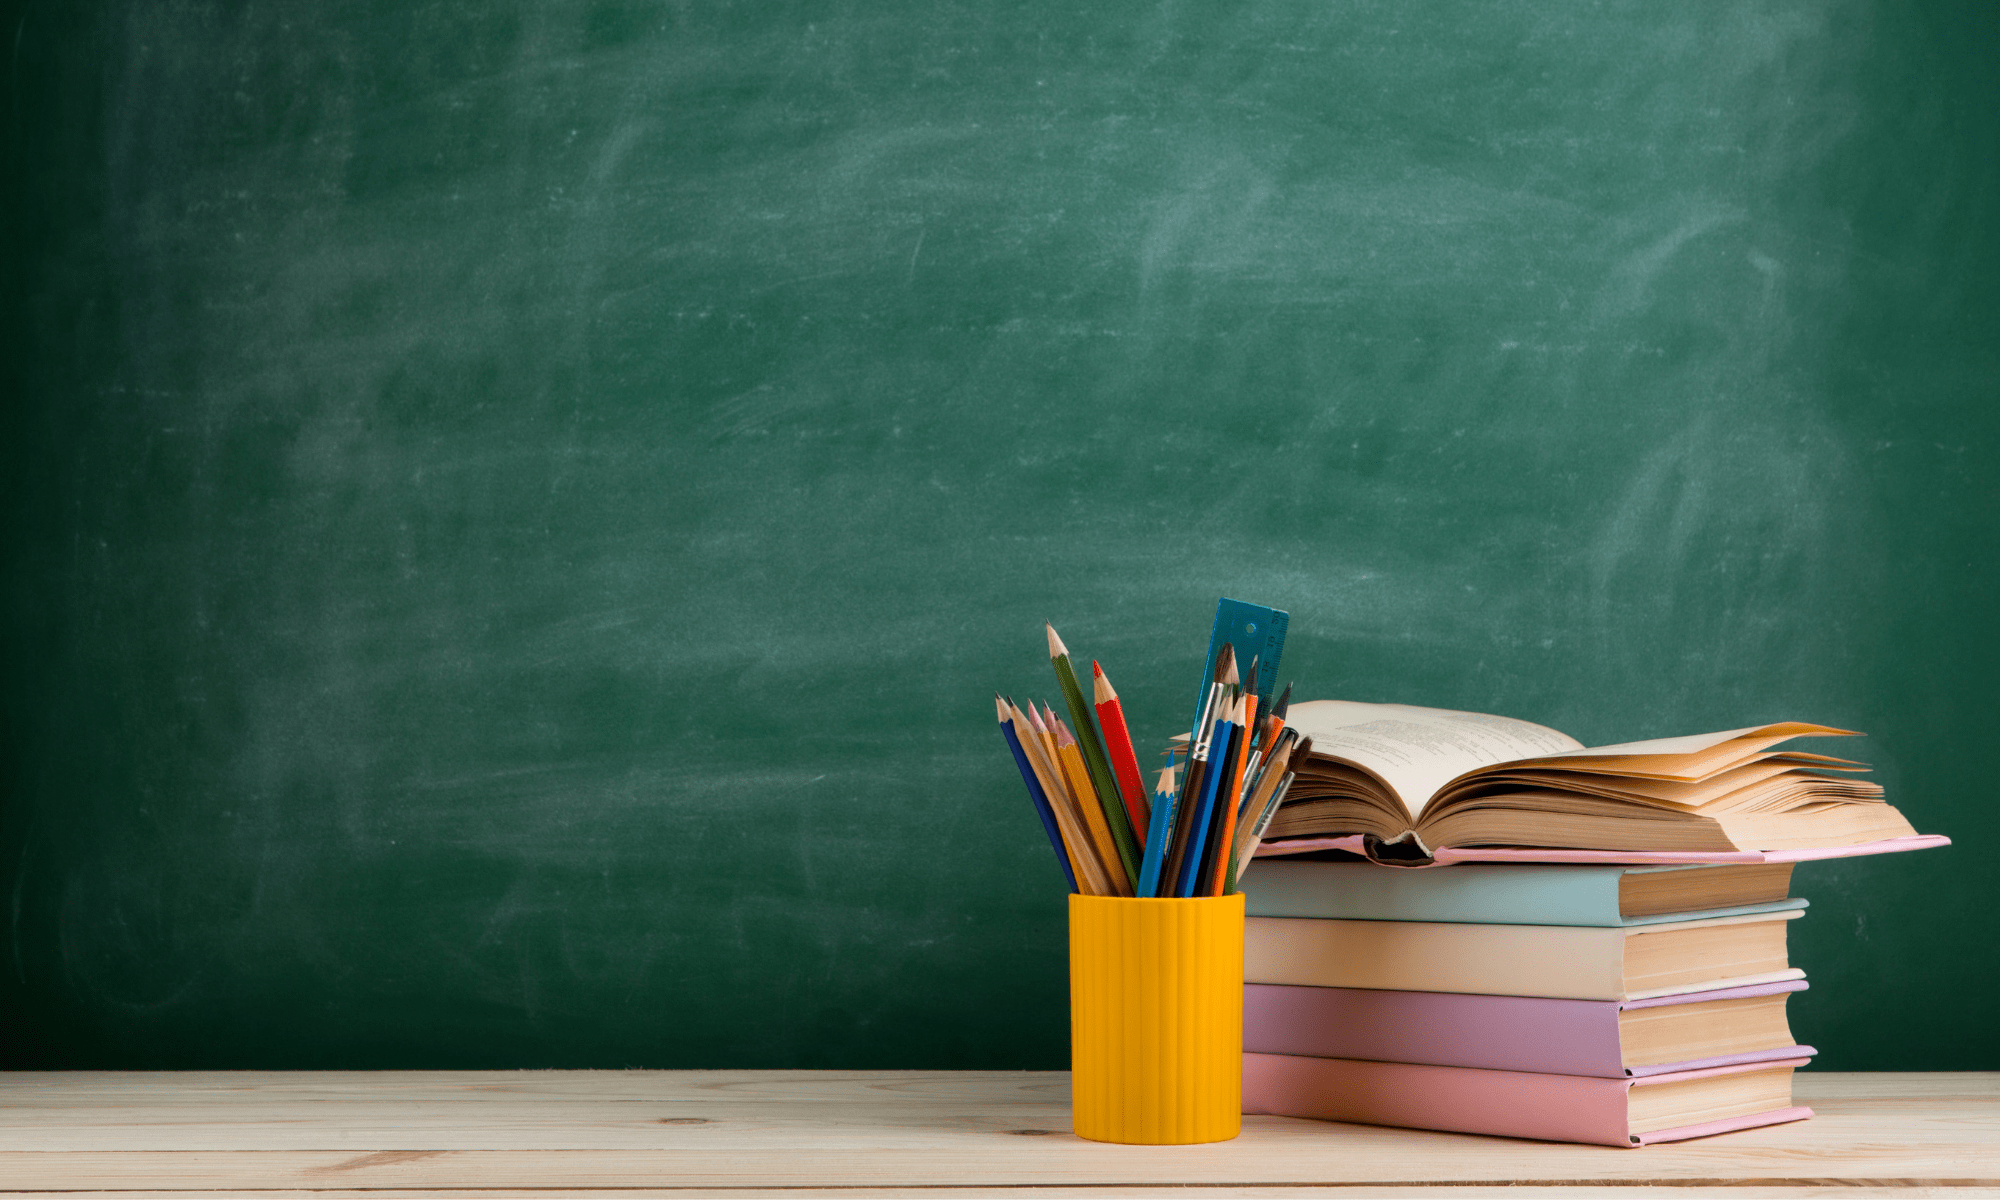 Etablissements scolaires à l'étranger : la mission laïque en campagne de recrutement